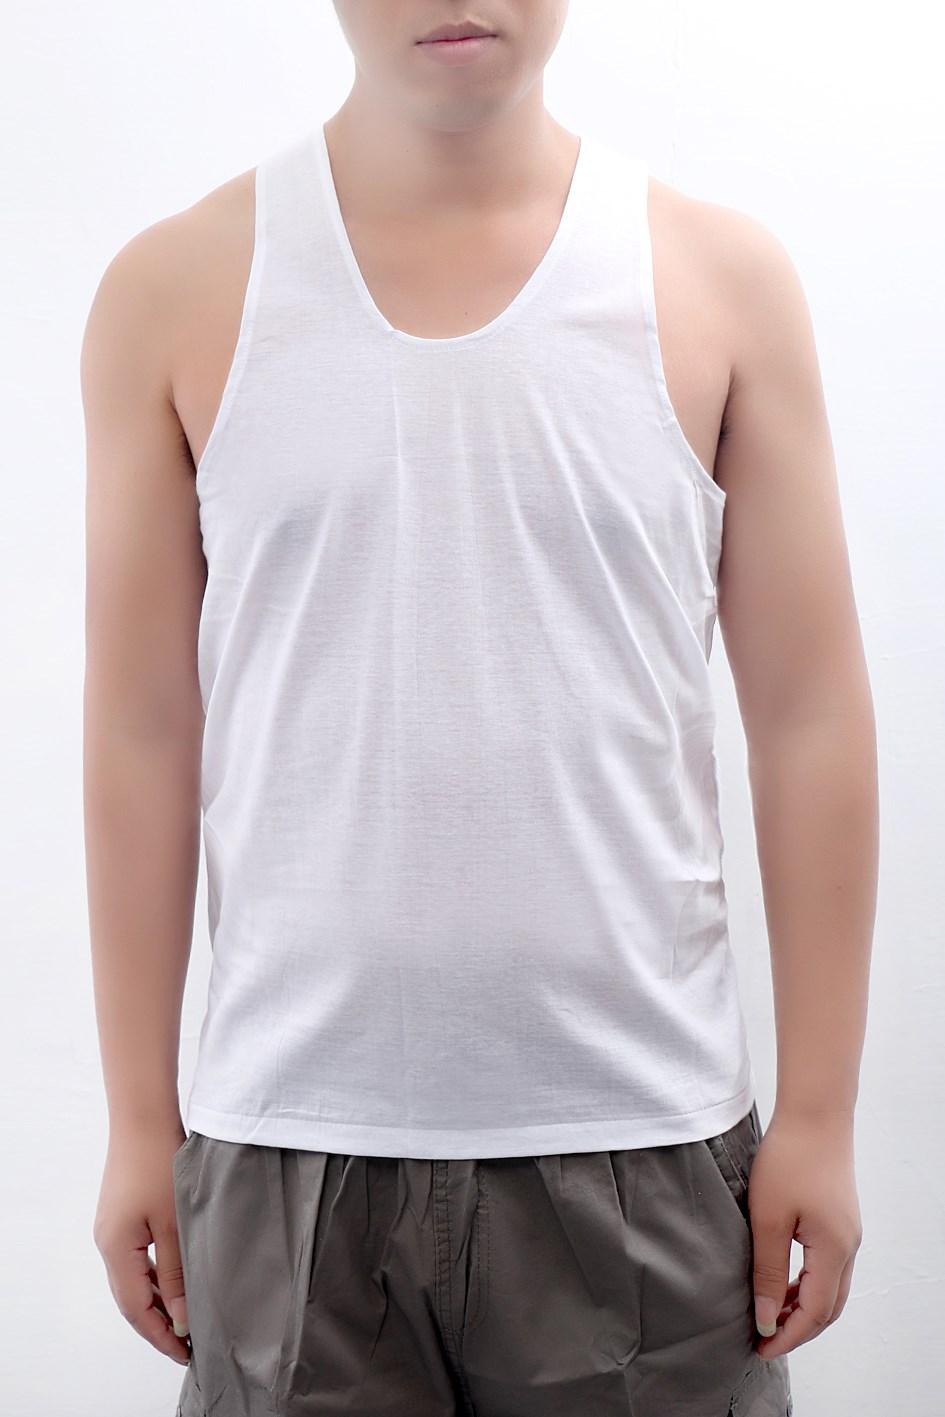 Chrysanthemum brand men's cotton vest middle-aged loose underwear old shirt summer dad cotton short-sleeved round neck T-shirt